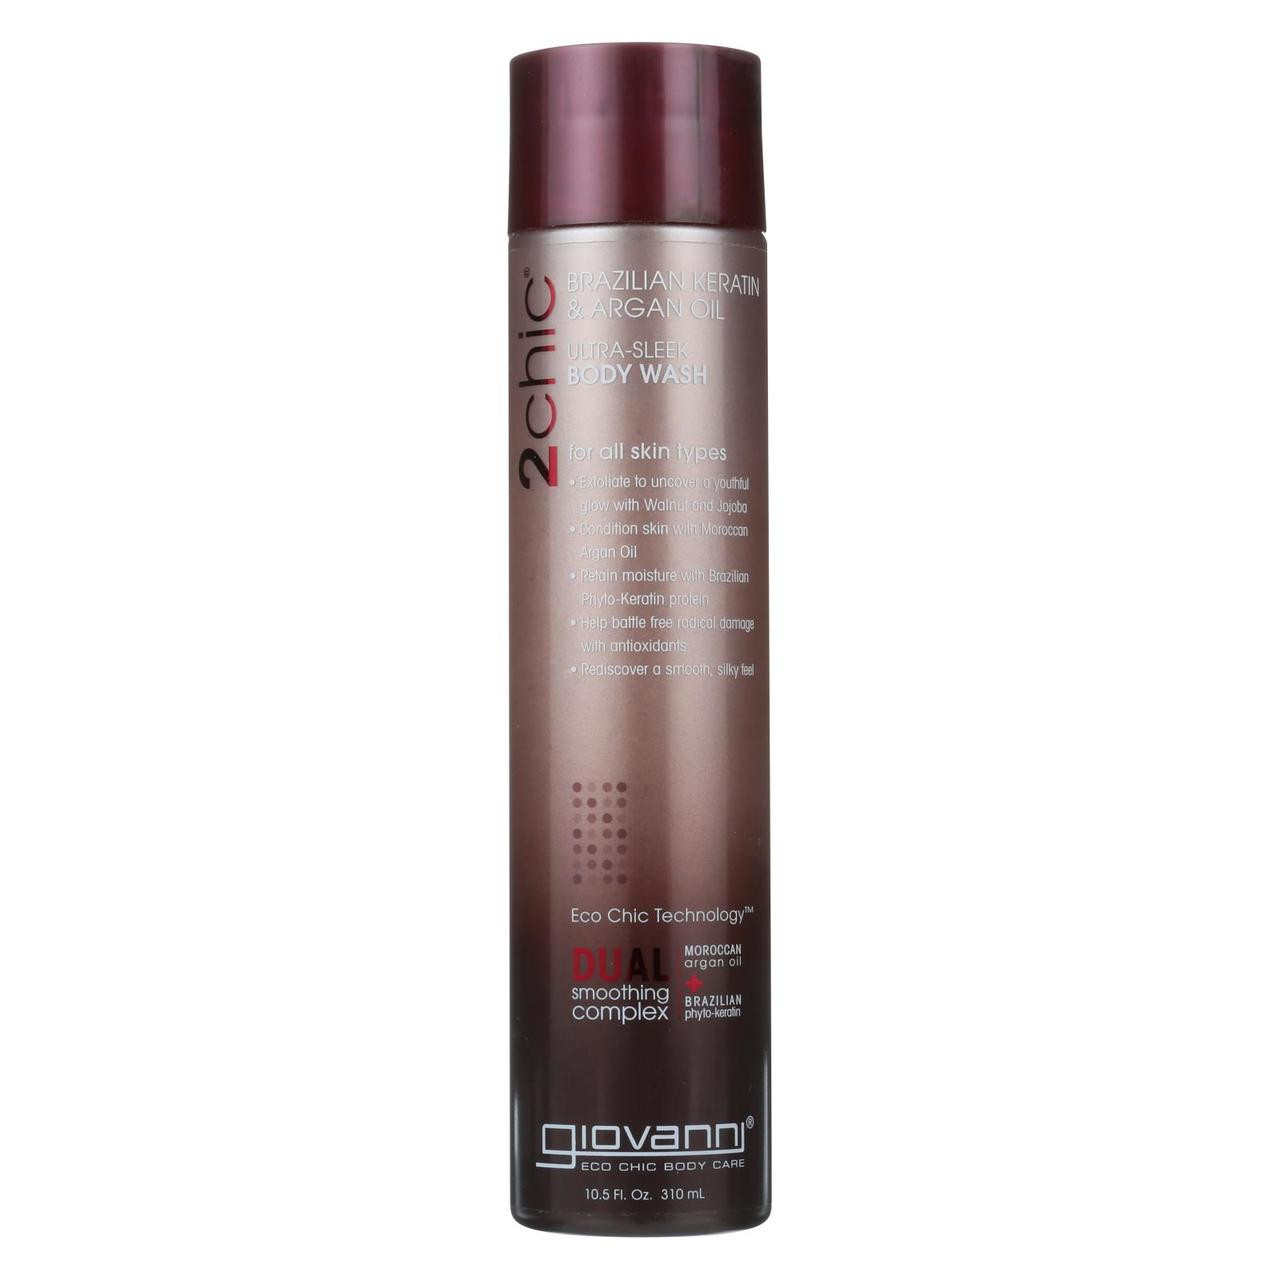 6a594056ec50 Giovanni Hair Care Products 2chic U-sleek Body Wash - Brazilian Keratin &  Argan Oil - 10.5 Fl Oz